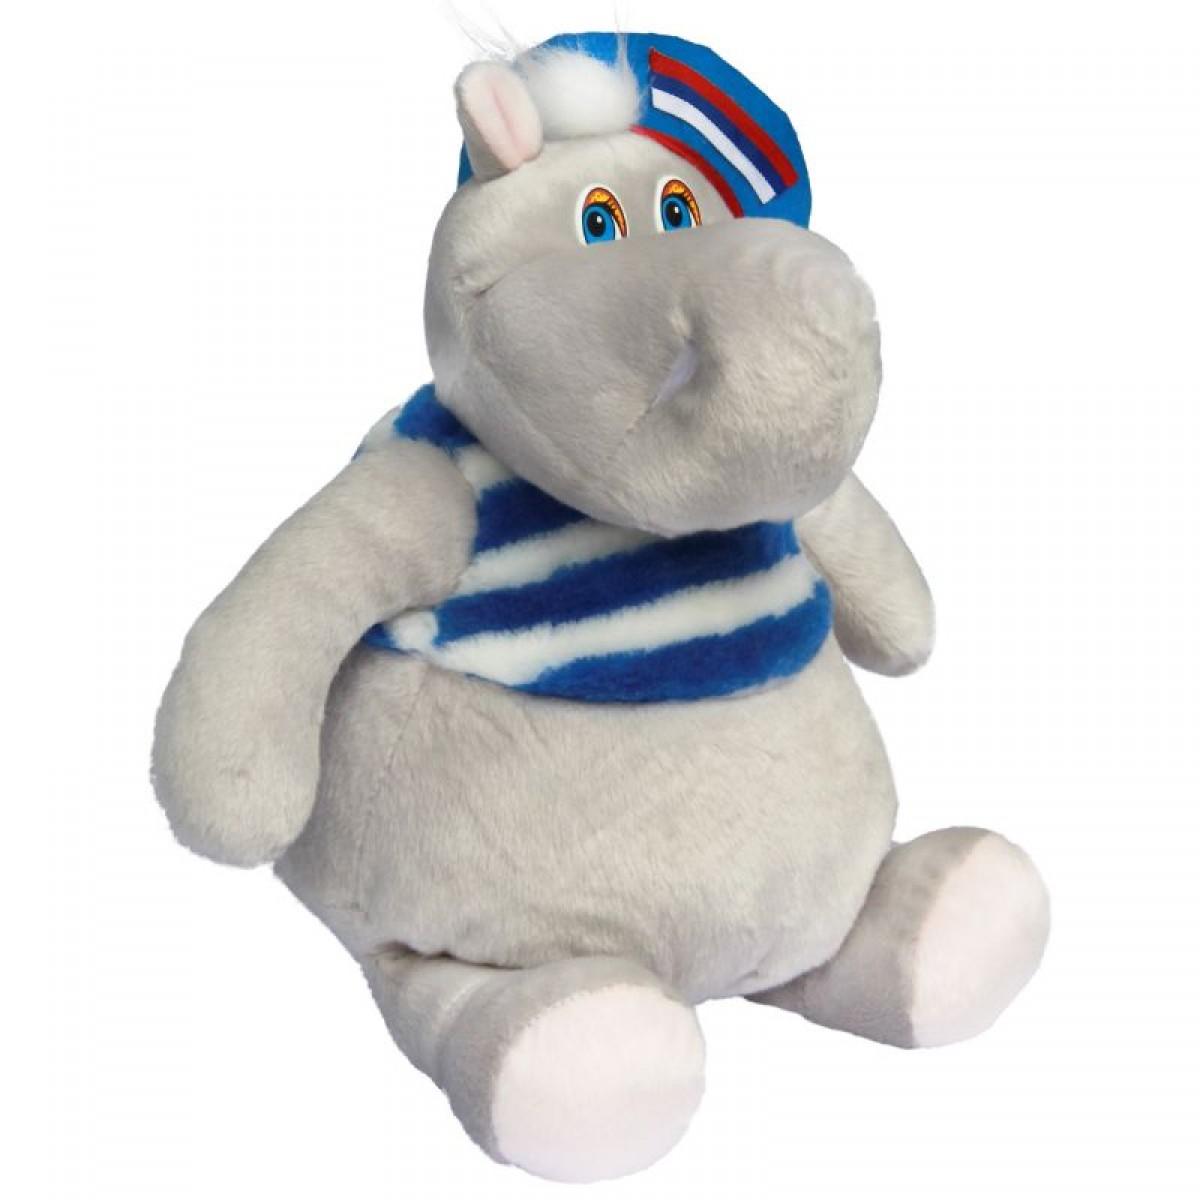 Карт бланш - называй меня зайкой [ты называешь меня плюшей..называй меня зайкой, называй меня катенок, называй меня львенок, называй меня слоненок..плюшевый, я плюшевый] xddd.